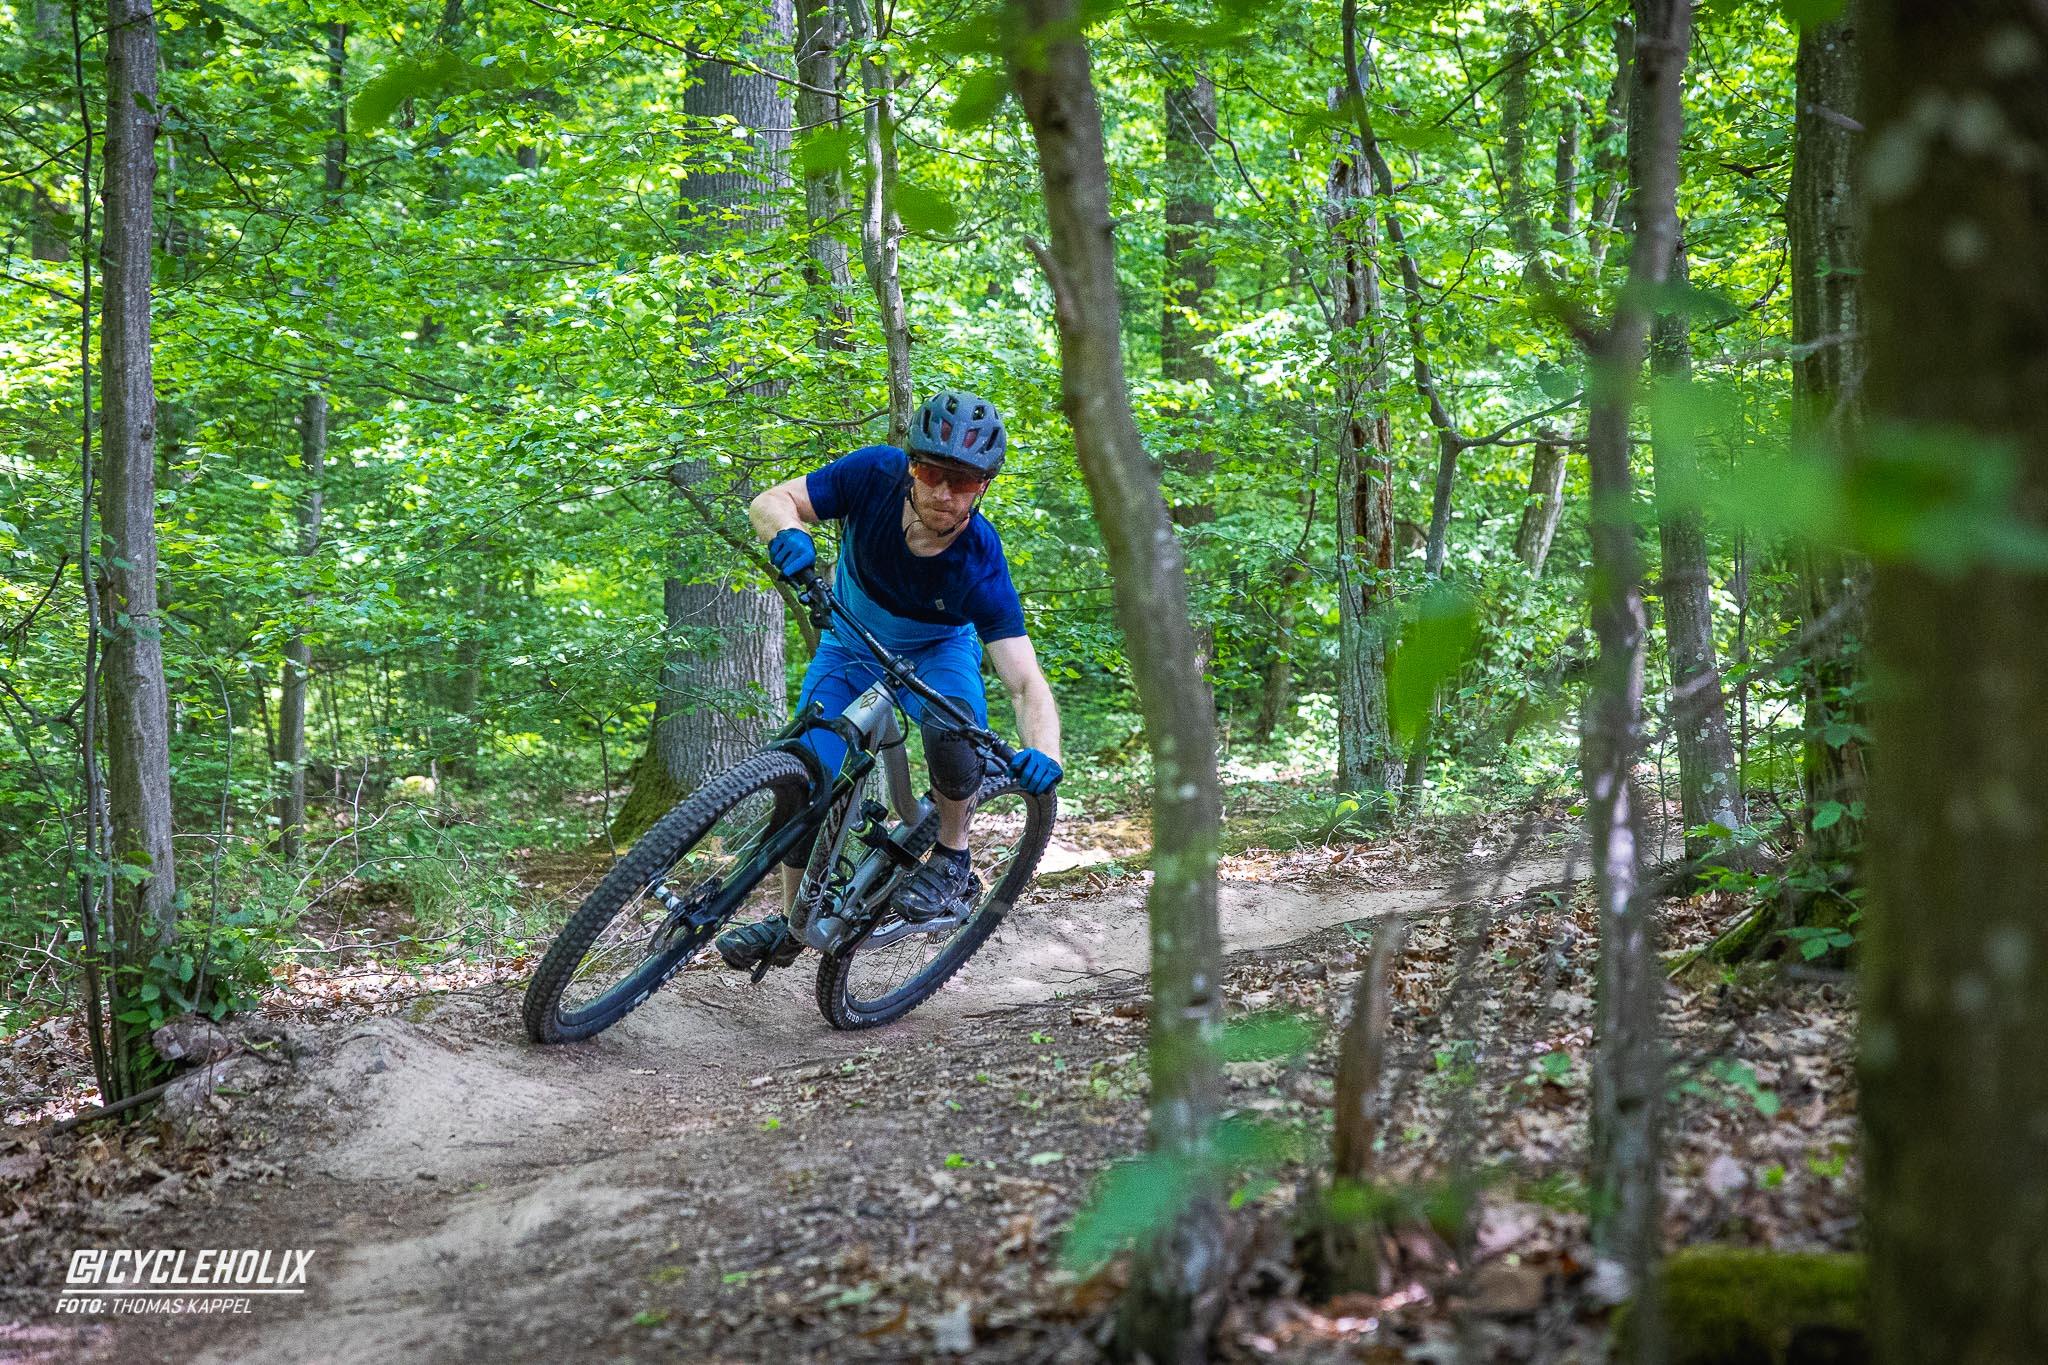 Onza Ibex 2021 7 Cycleholix